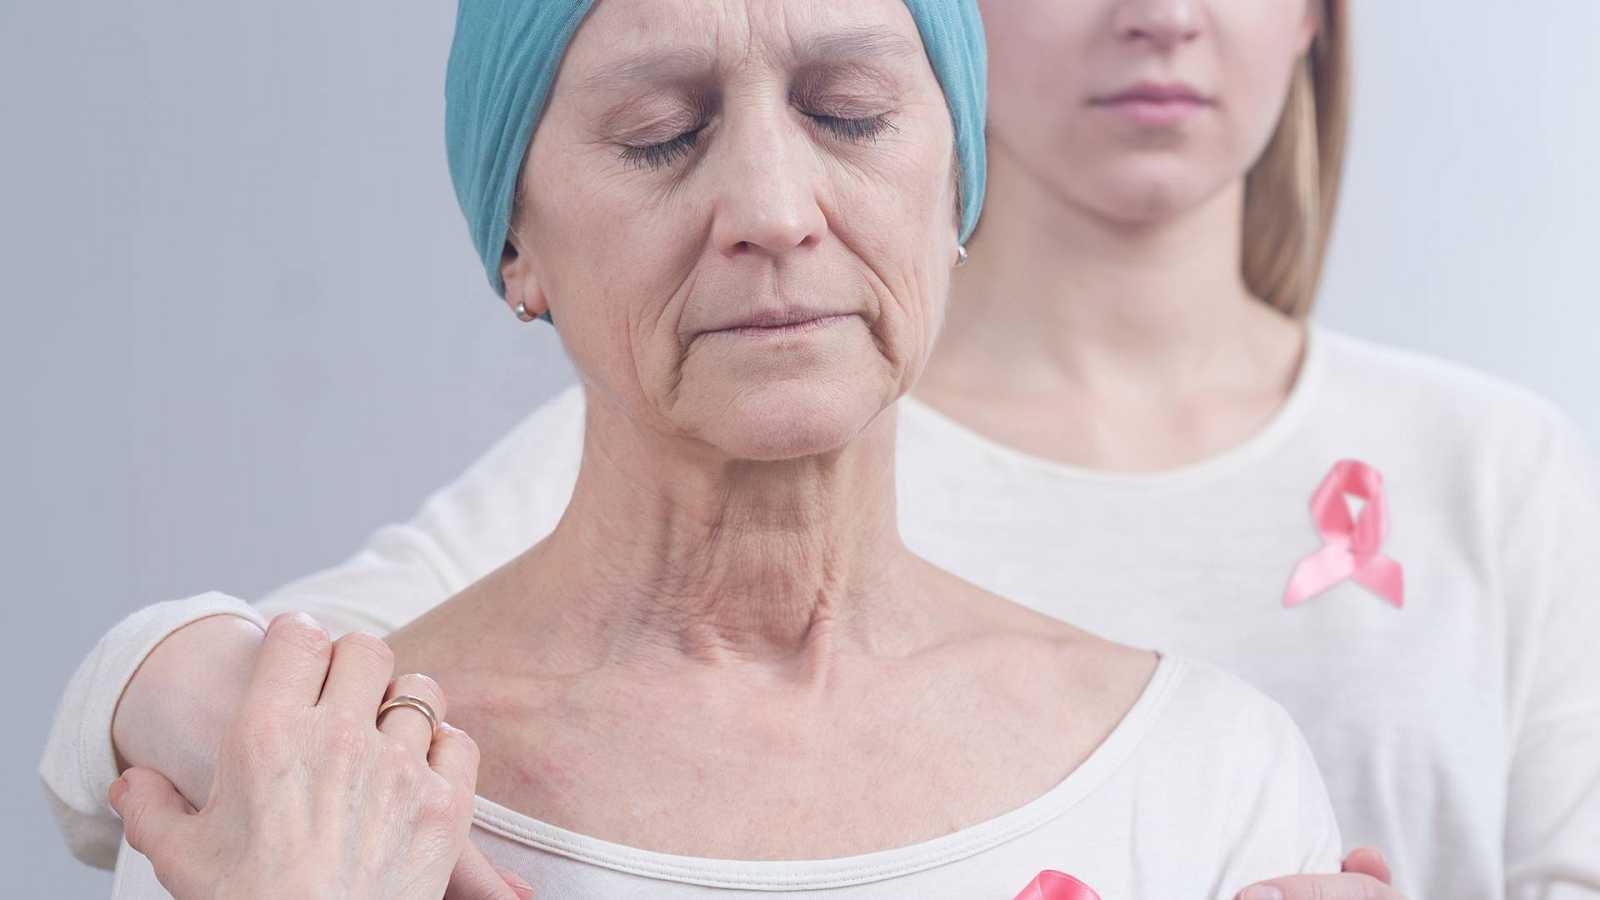 Cuaderno mayor - La edad es un factor de riesgo en el cáncer de mama - 18/10/20 - Escuchar ahora